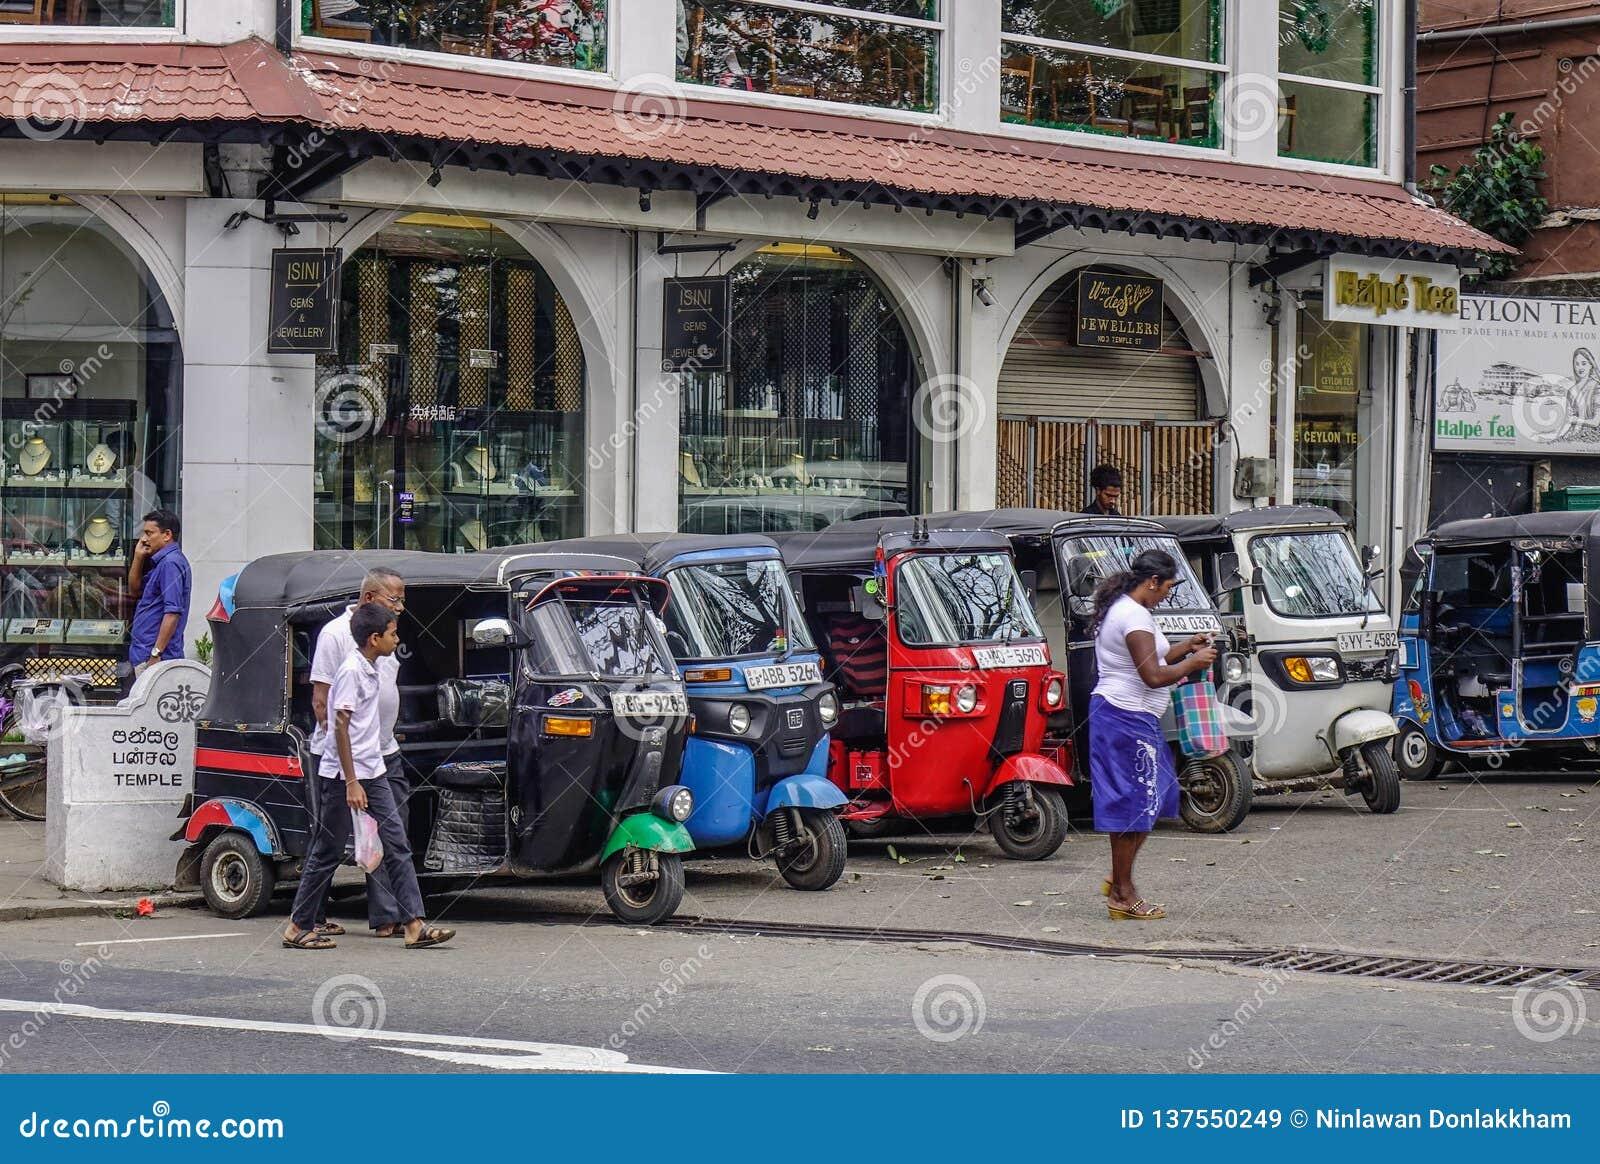 Άνθρωποι και tuk tuk taxis στην οδό